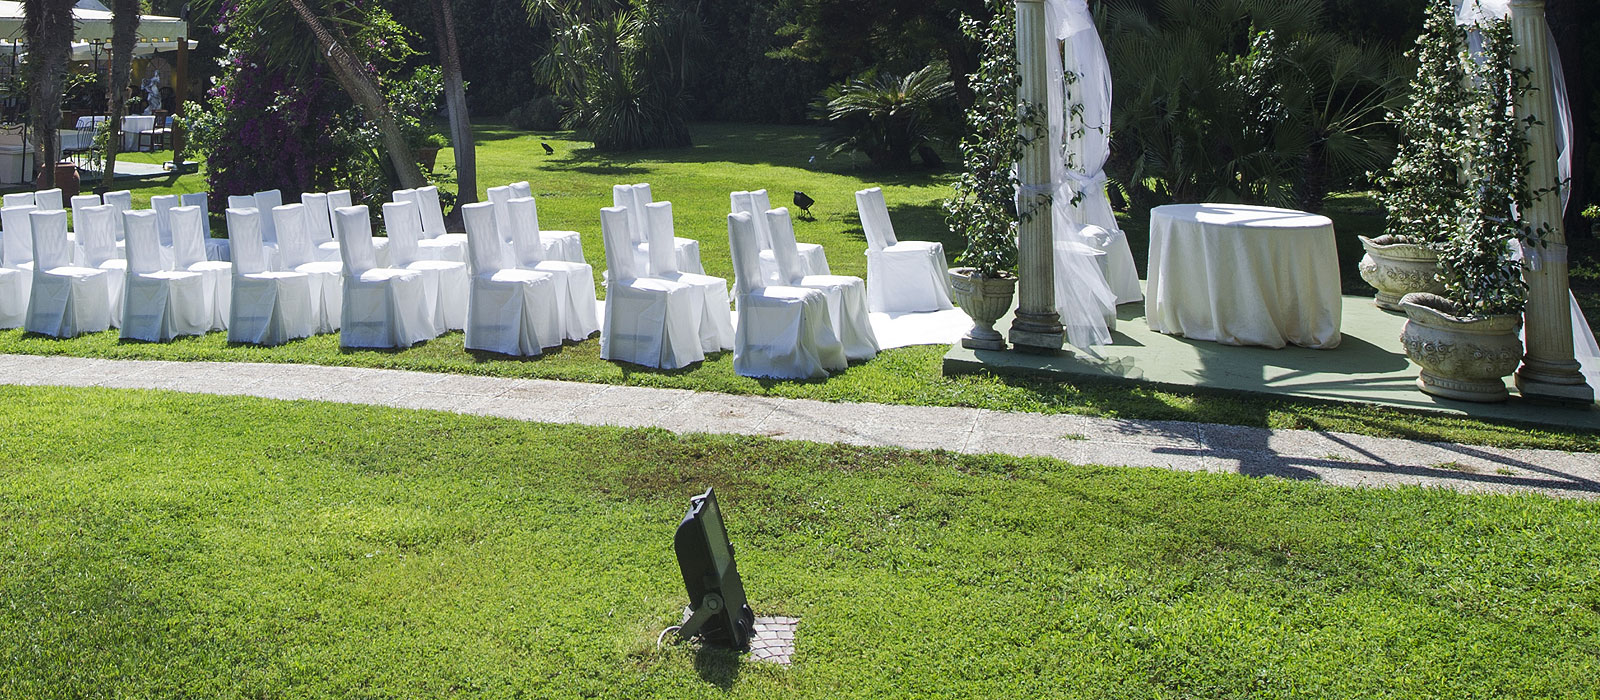 1054c2ea6086 ... Rito Civile Ufficiale in Villa · Chiese · La Villa · Dicono di noi ·  Contatti. Menù per Matrimoni a Roma